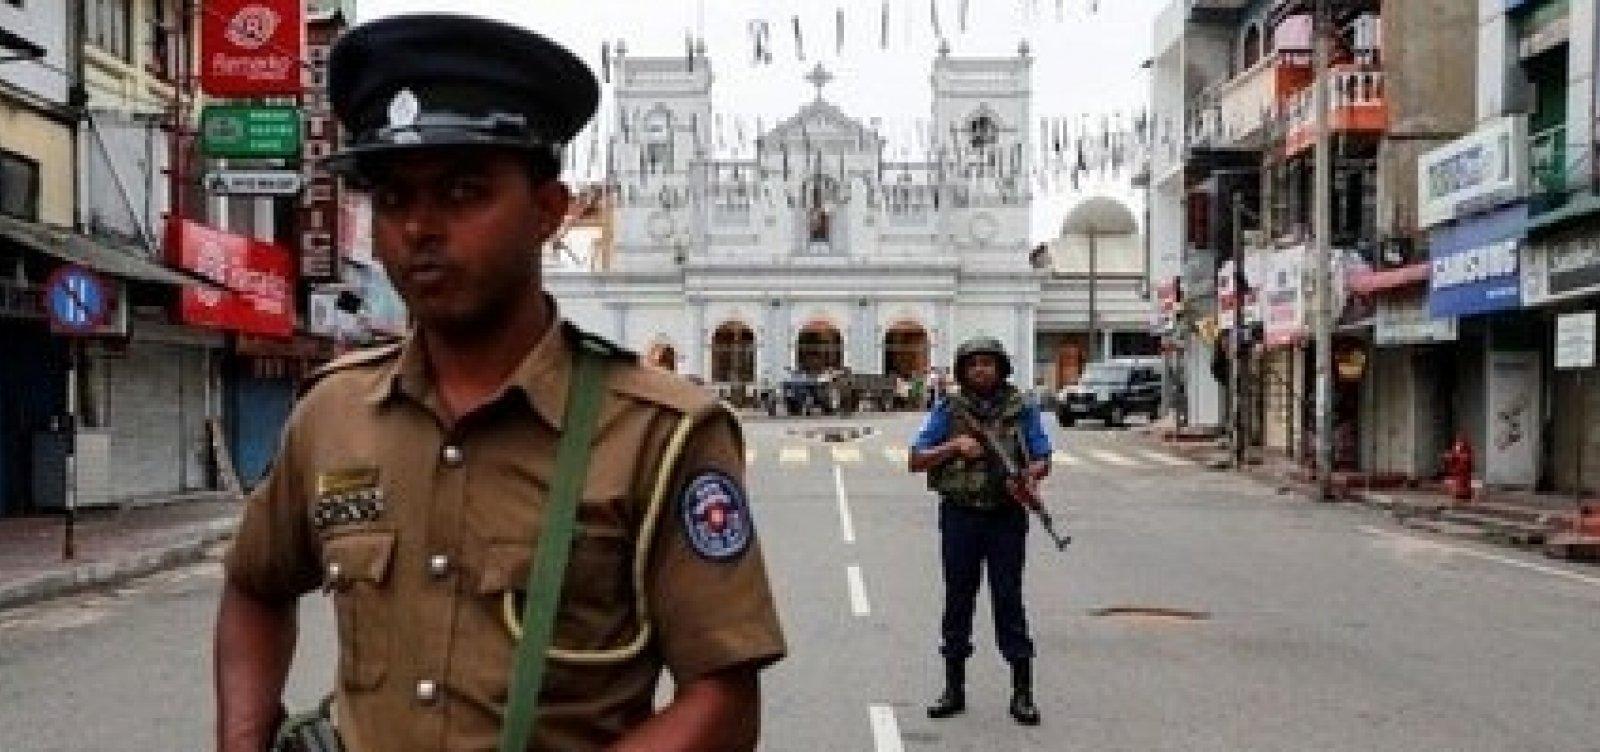 [Autoridades do Sri Lanka alertam para novos ataques]